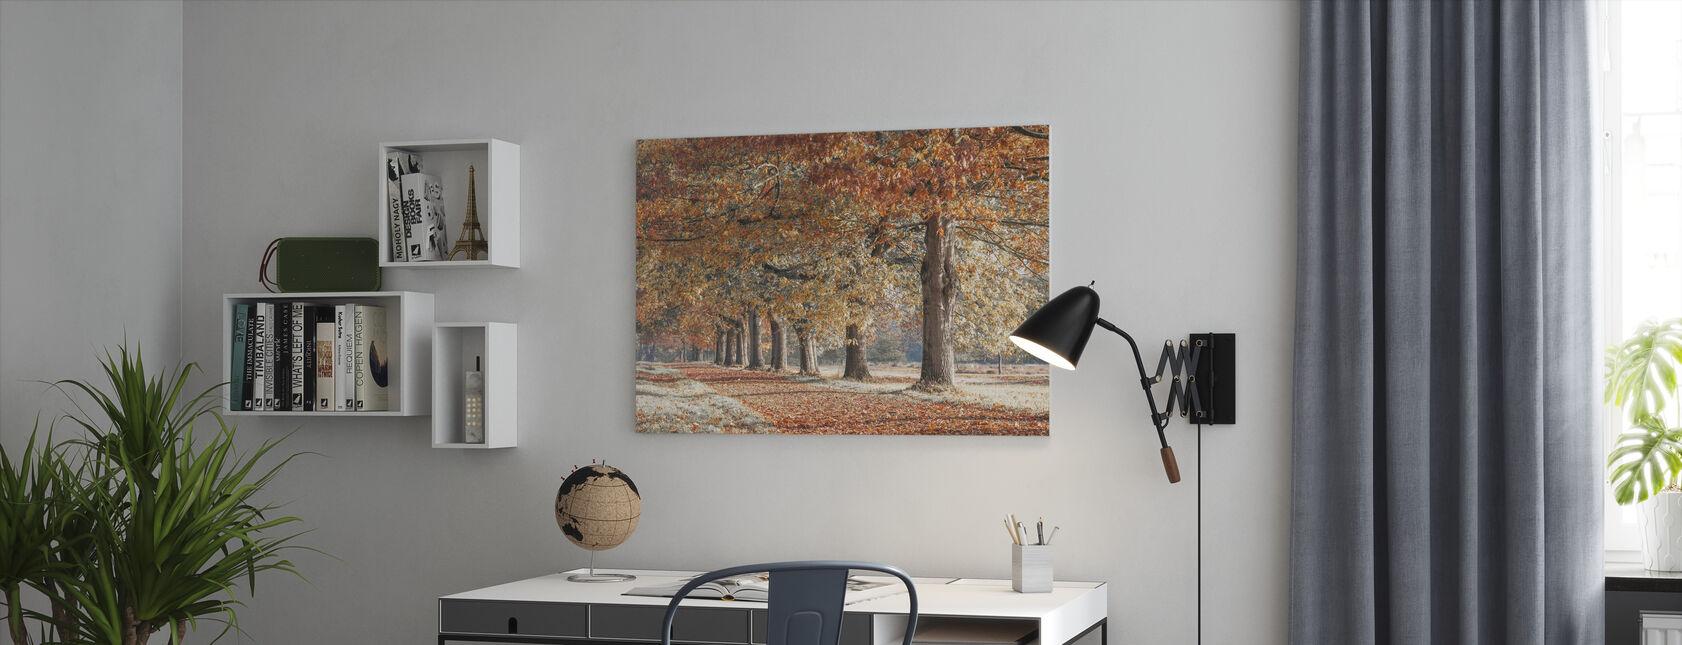 Herfst Pad - Robijn - Canvas print - Kantoor